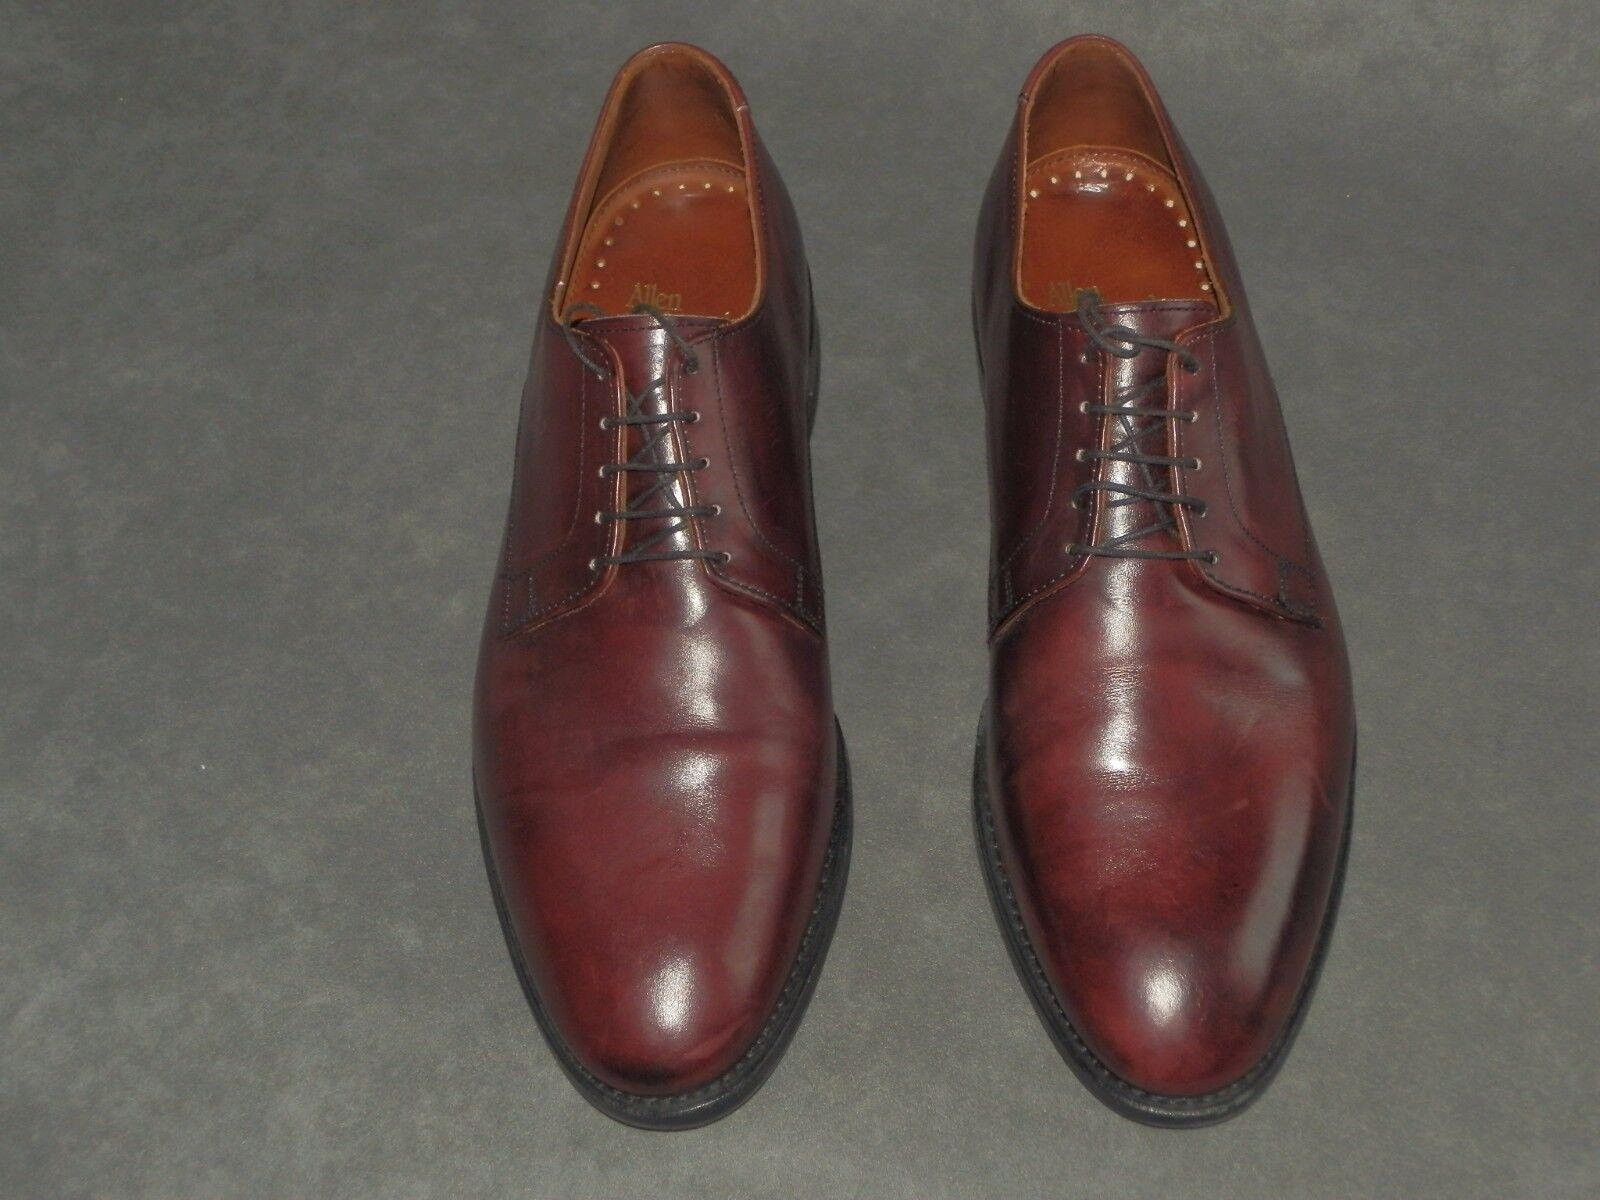 Allen Edmonds  Sutter  burgundy  made in USA  US 10,5  44,5  kaum getragen